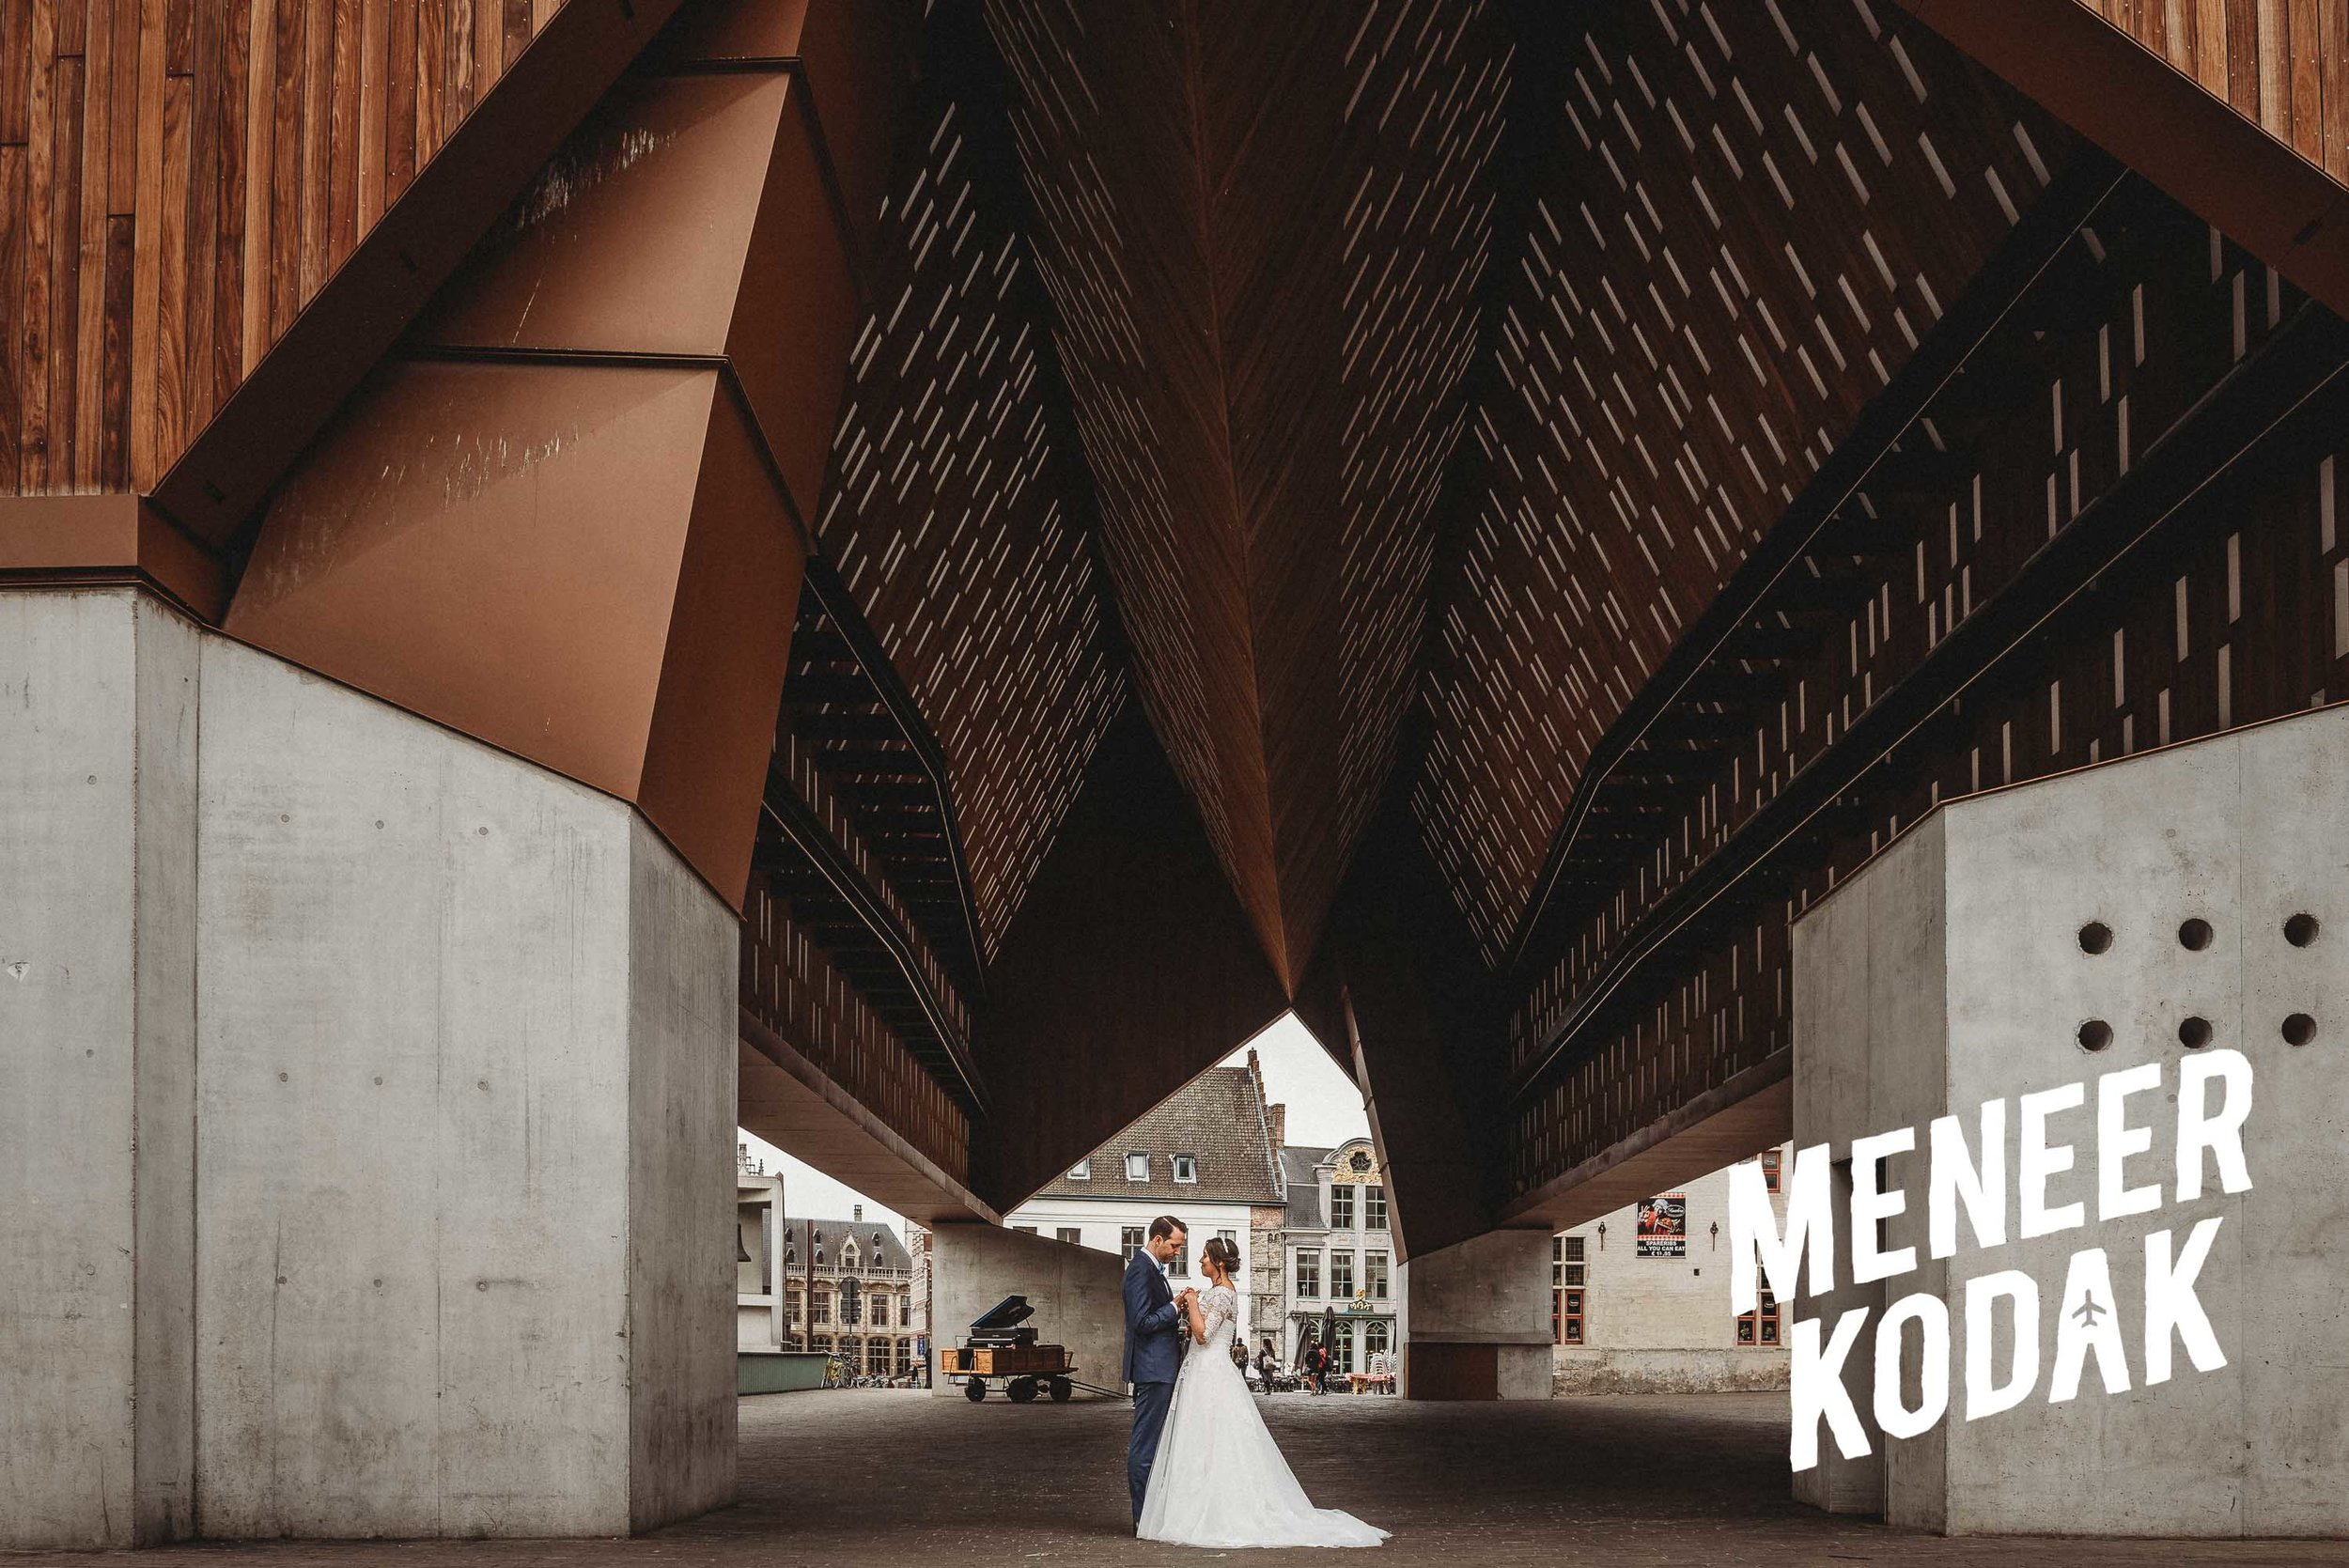 Meneer Kodak - Trouwfotograaf - Gent - D&T-029.jpg